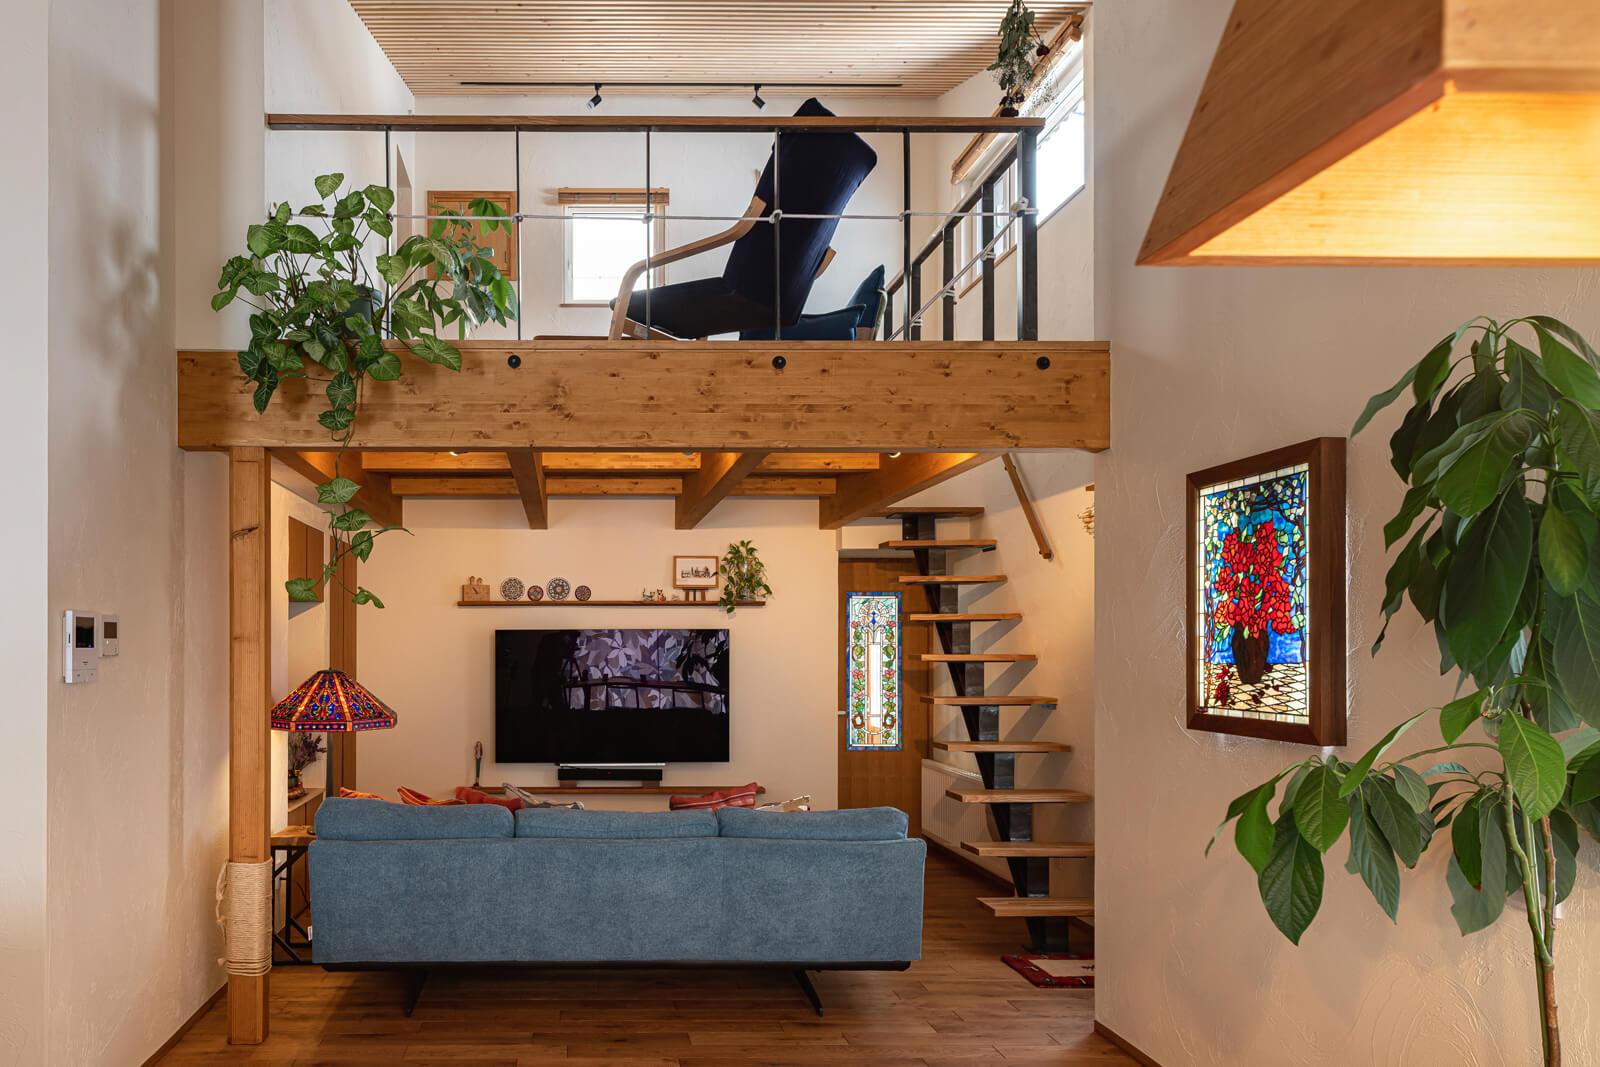 ロフトのような2階空間は、Aさんたっての希望。「1階は低めの天井高なのですが、勾配天井と吹き抜けがもたらす開放感が気持ち良いんです」